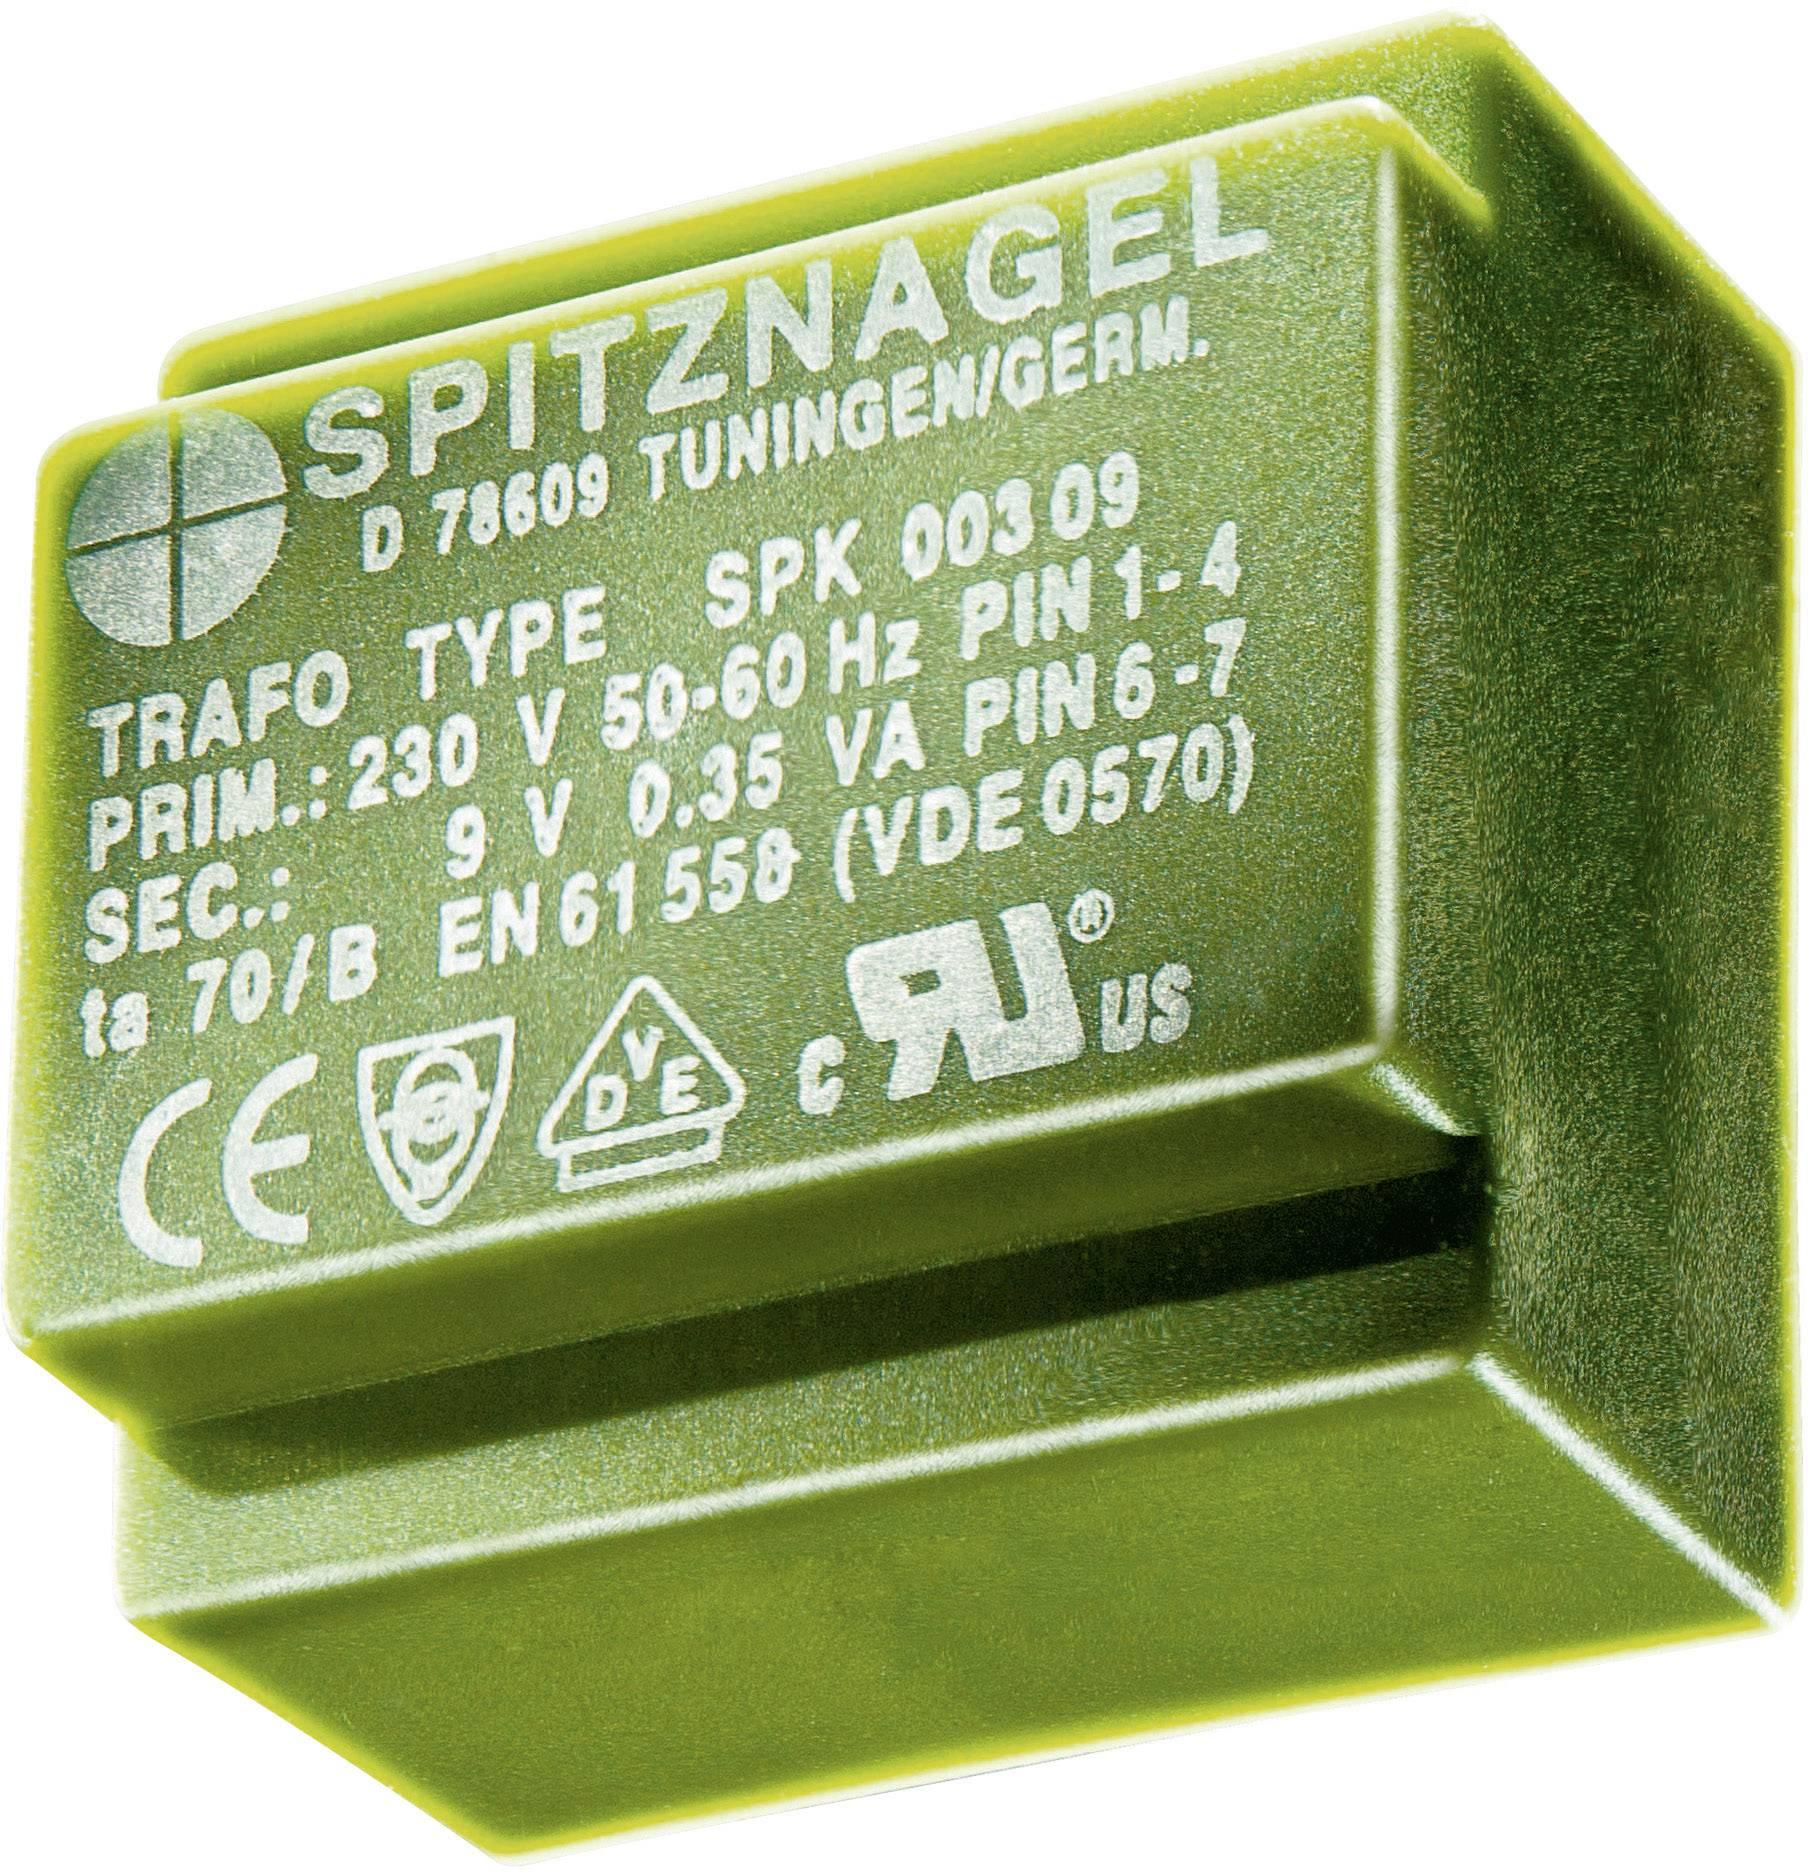 Transformátor do DPS Spitznagel El 42/15, 230 V / 9 V, 611 mA, 5,5 VA